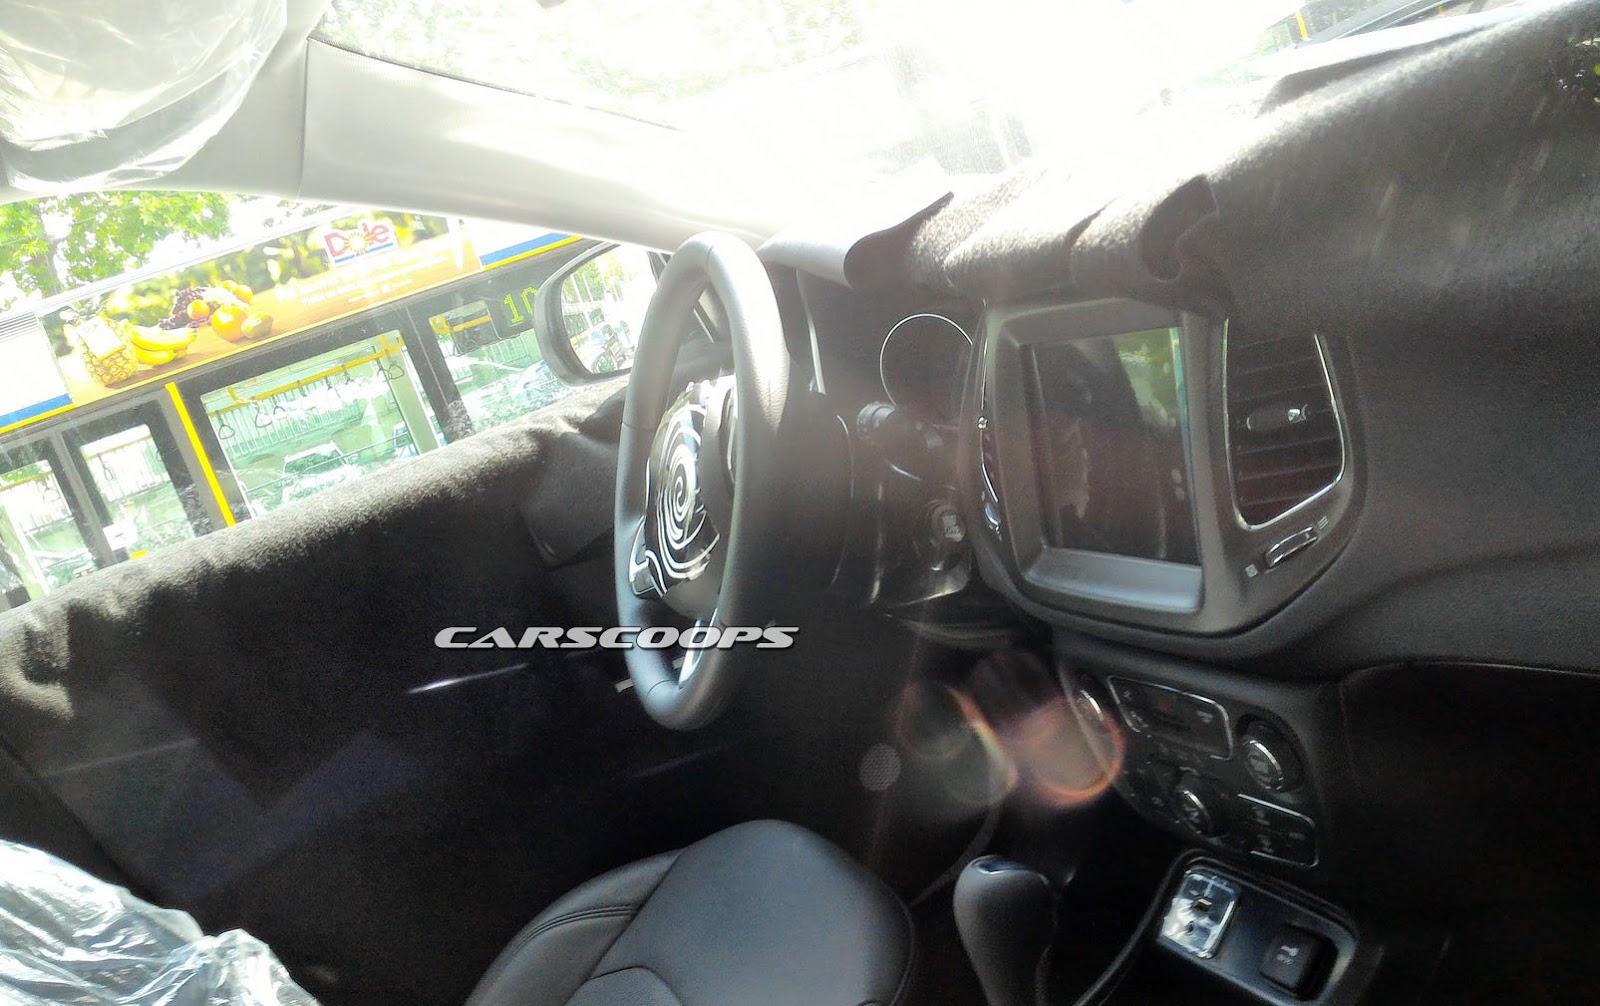 2018-Jeep-Compass-CUV-3